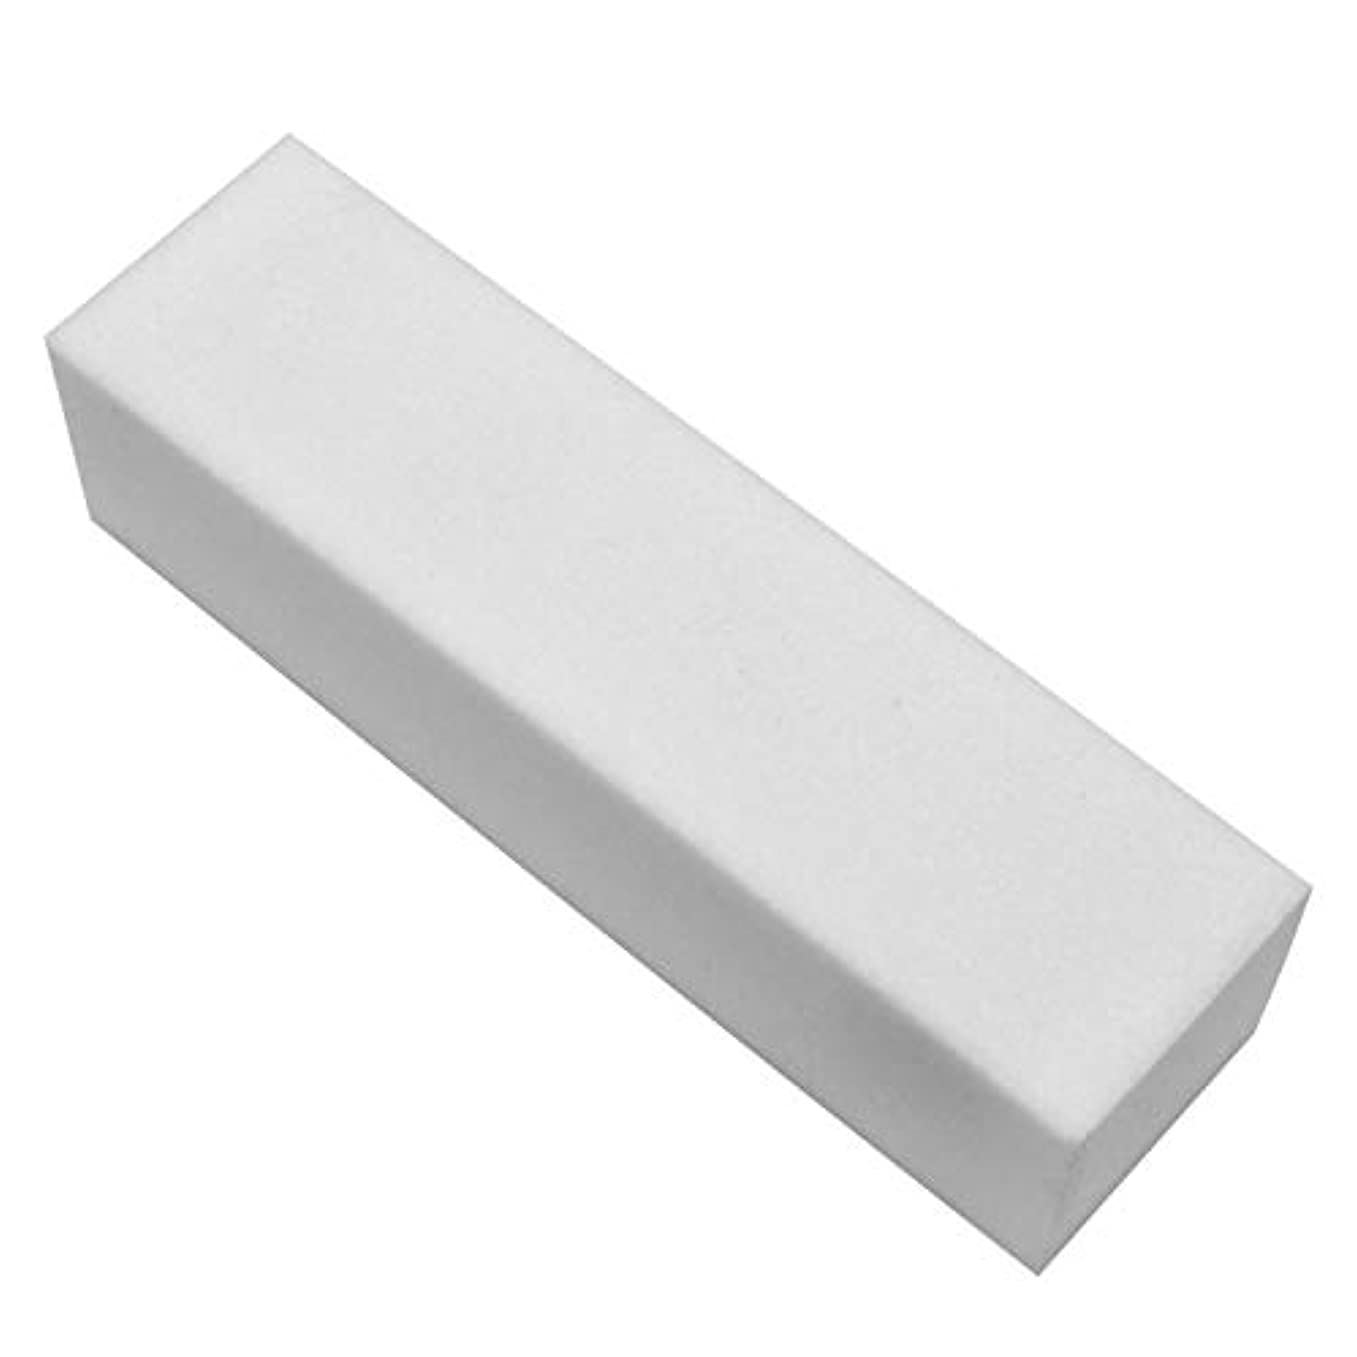 奴隷無知調和ネルパラ ホワイトブロック (ファイル) 25x25x95mm